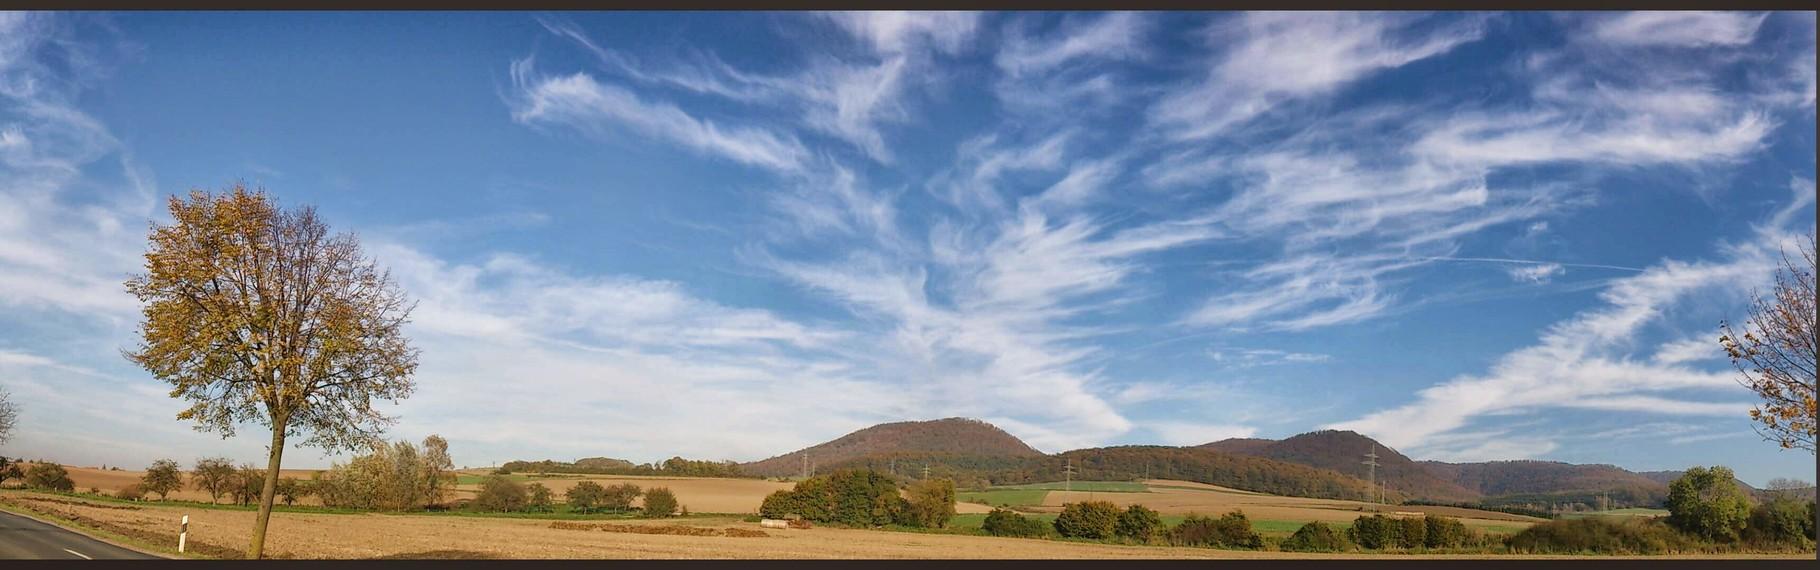 ~ Bild: Panorama-Ansichten der 7 Berge im Leinebergland ~